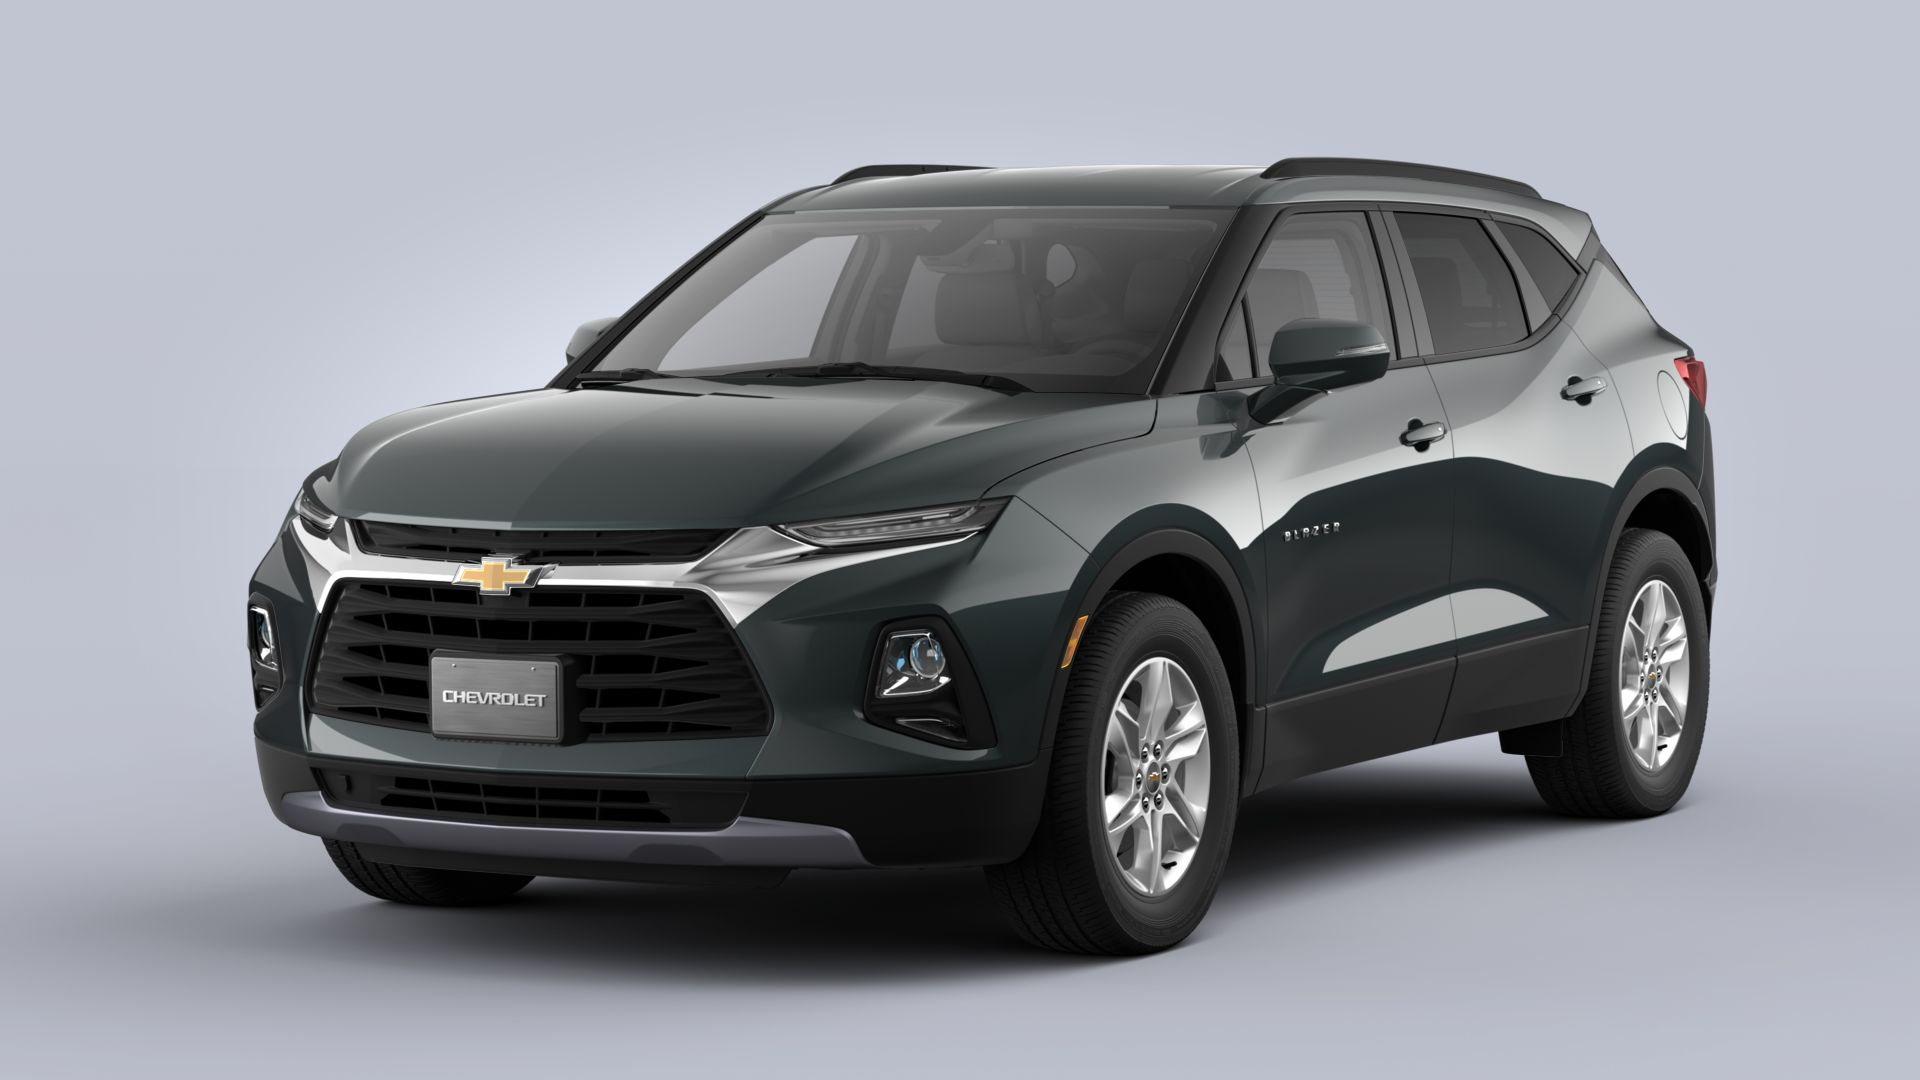 2020 Chevrolet Blazer 2LT SUV